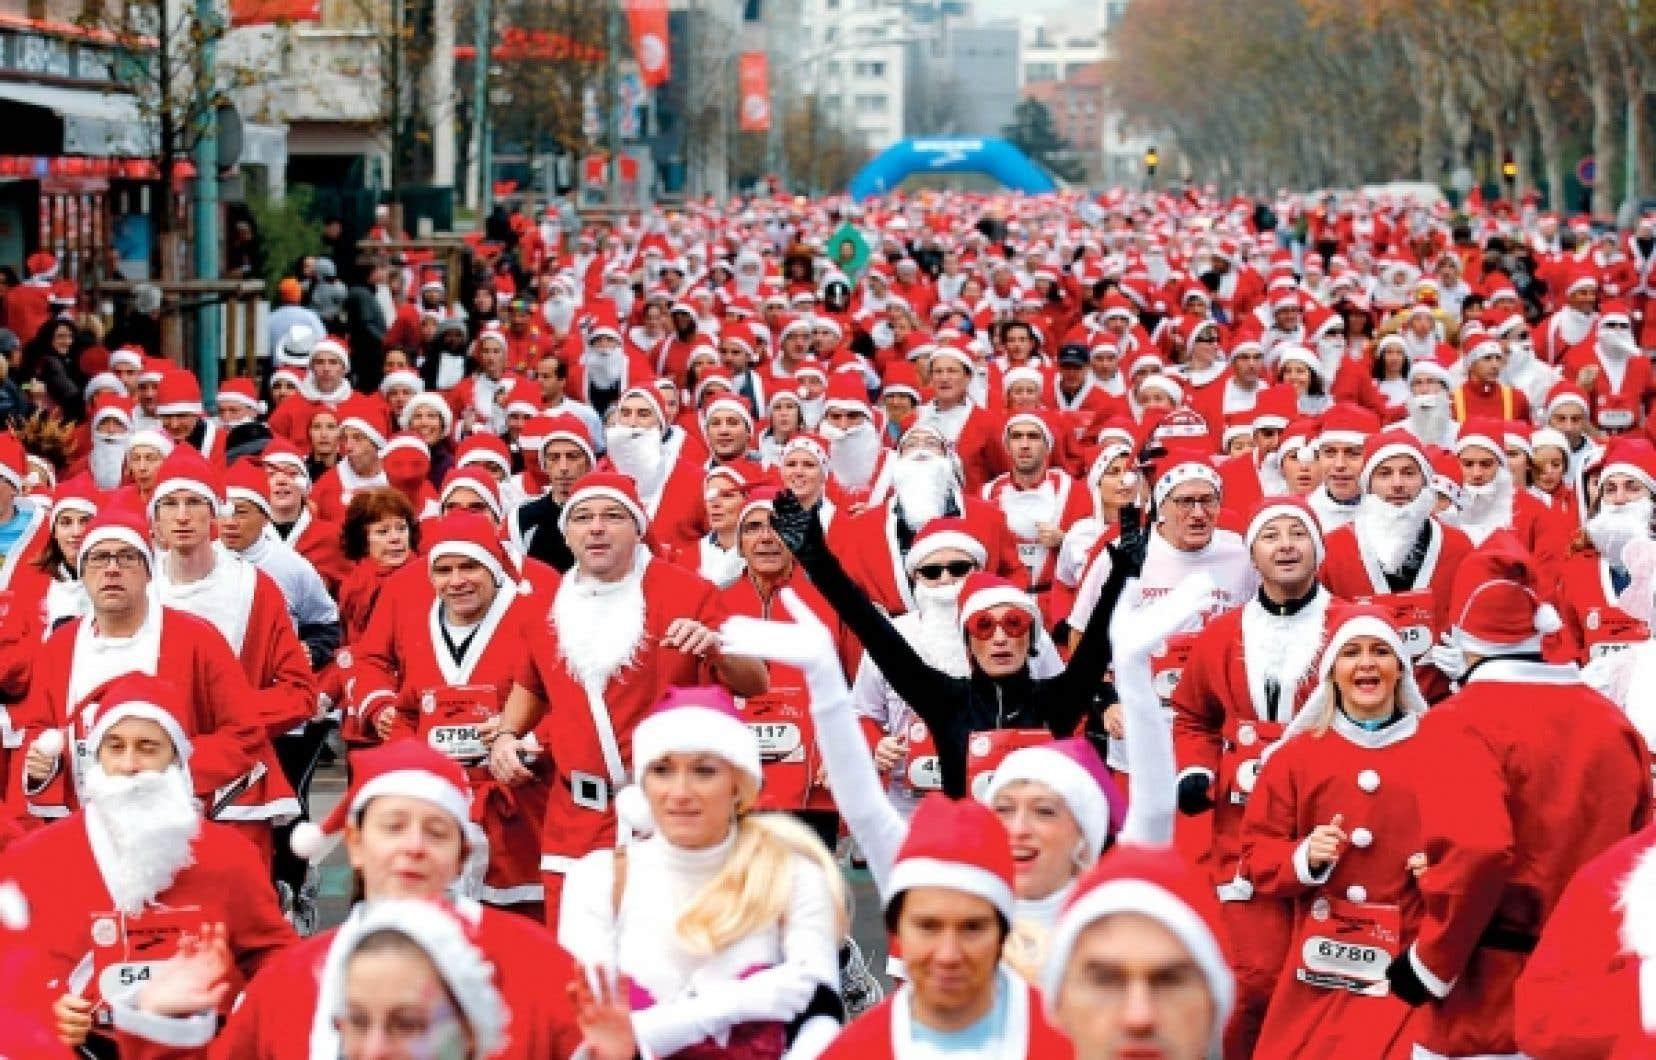 3000 pères Noël de toutes tailles et de tous âges ont couru hier matin dans les rues d'Issy-les-Moulineaux.